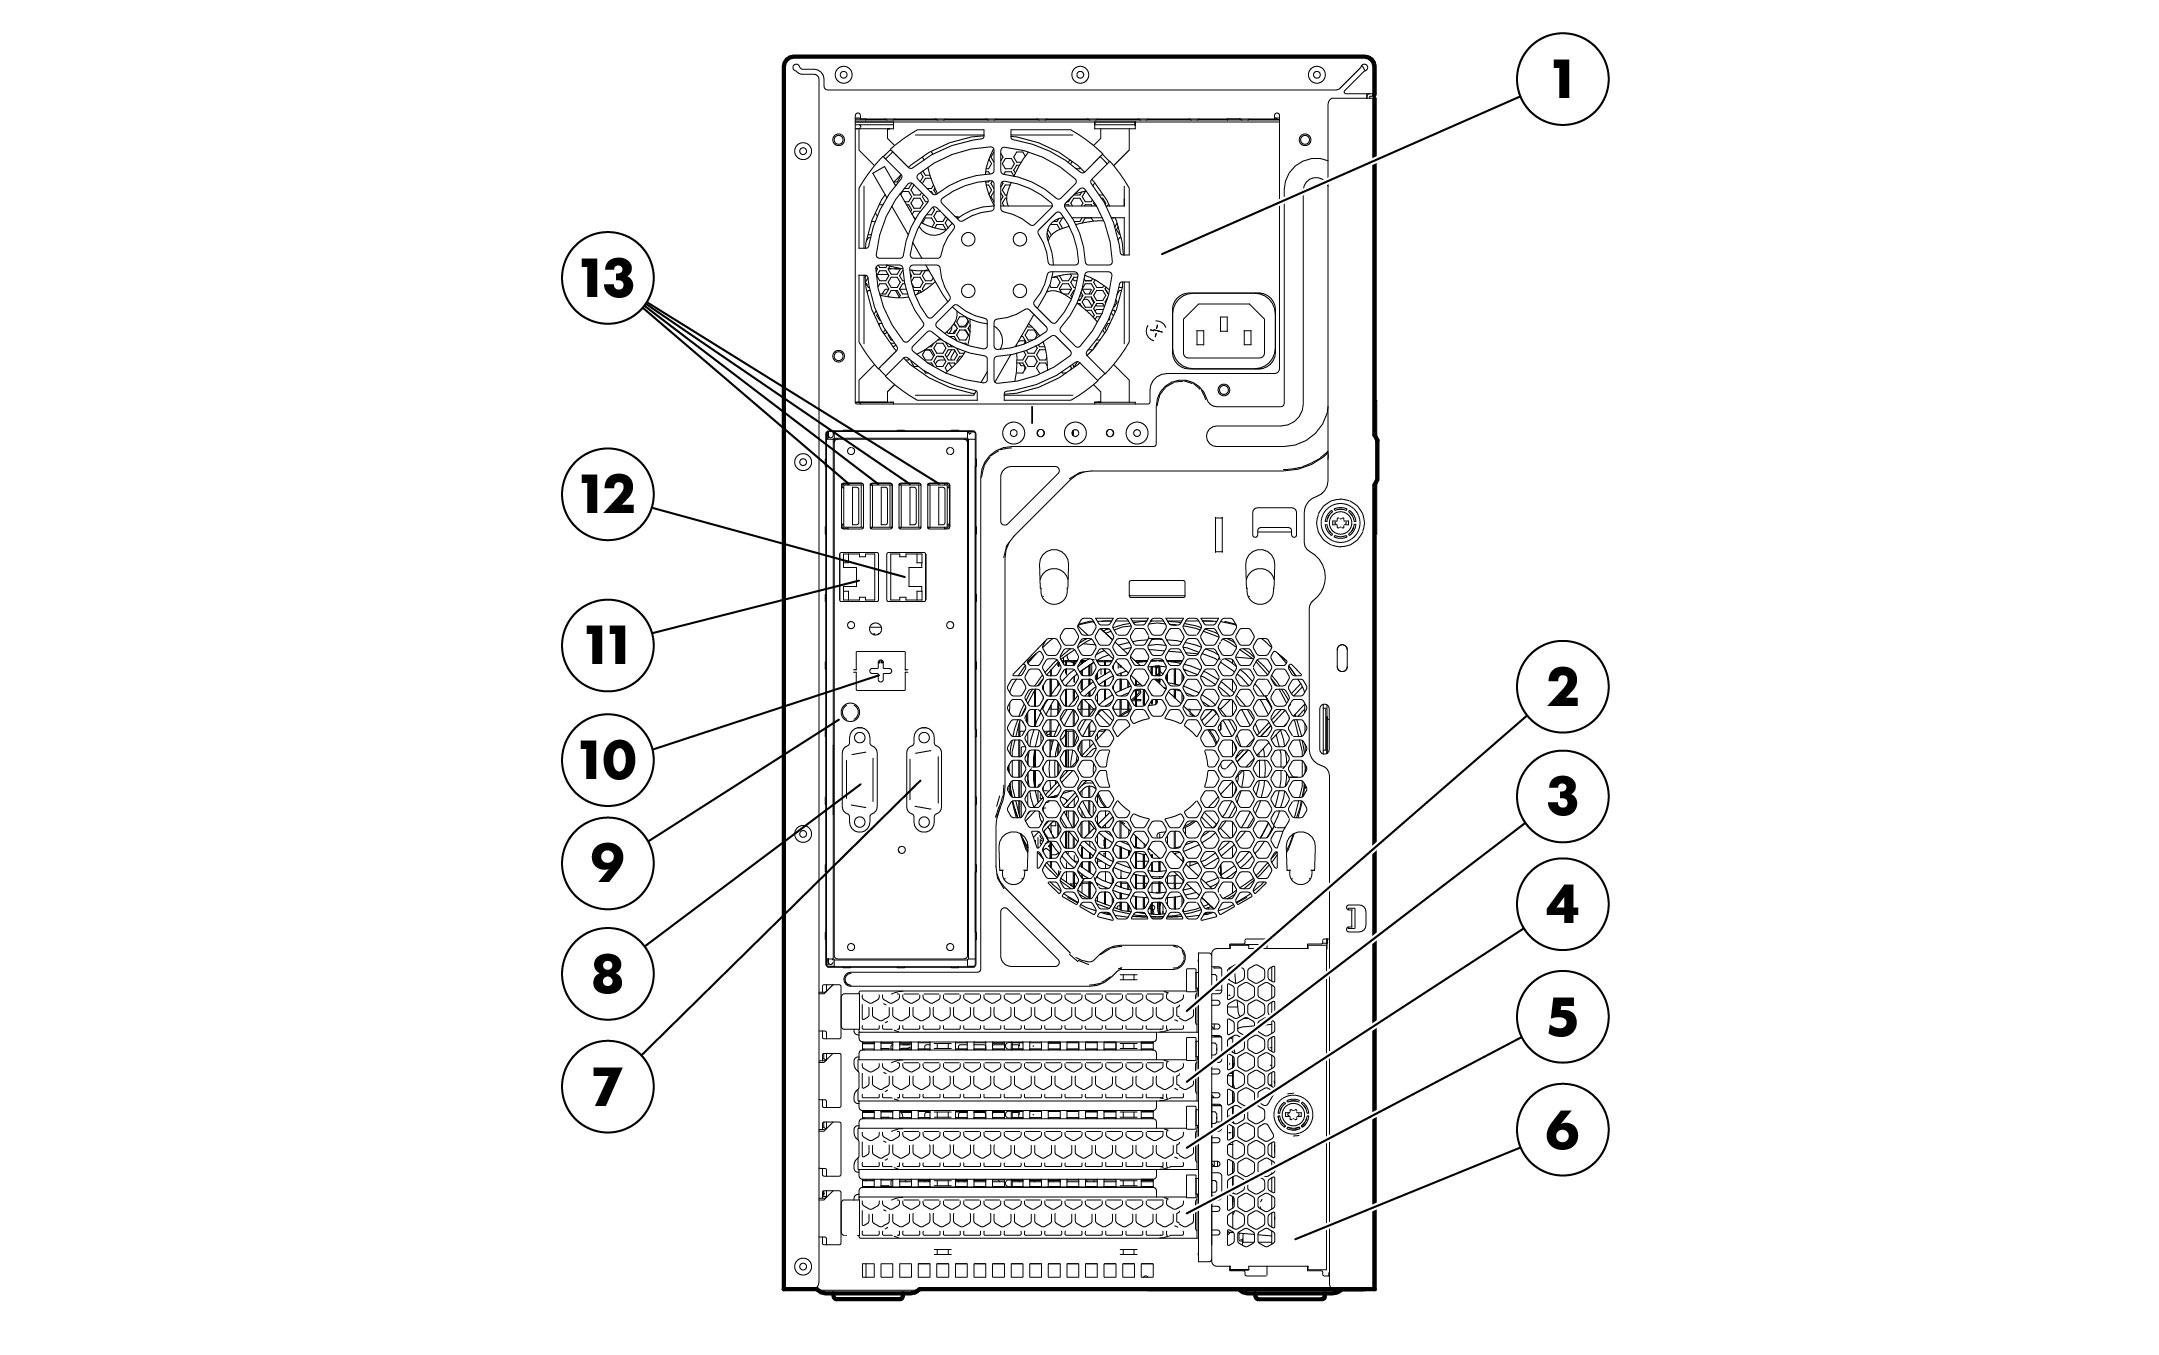 HP Proliant ML310e G8 Quickspecs